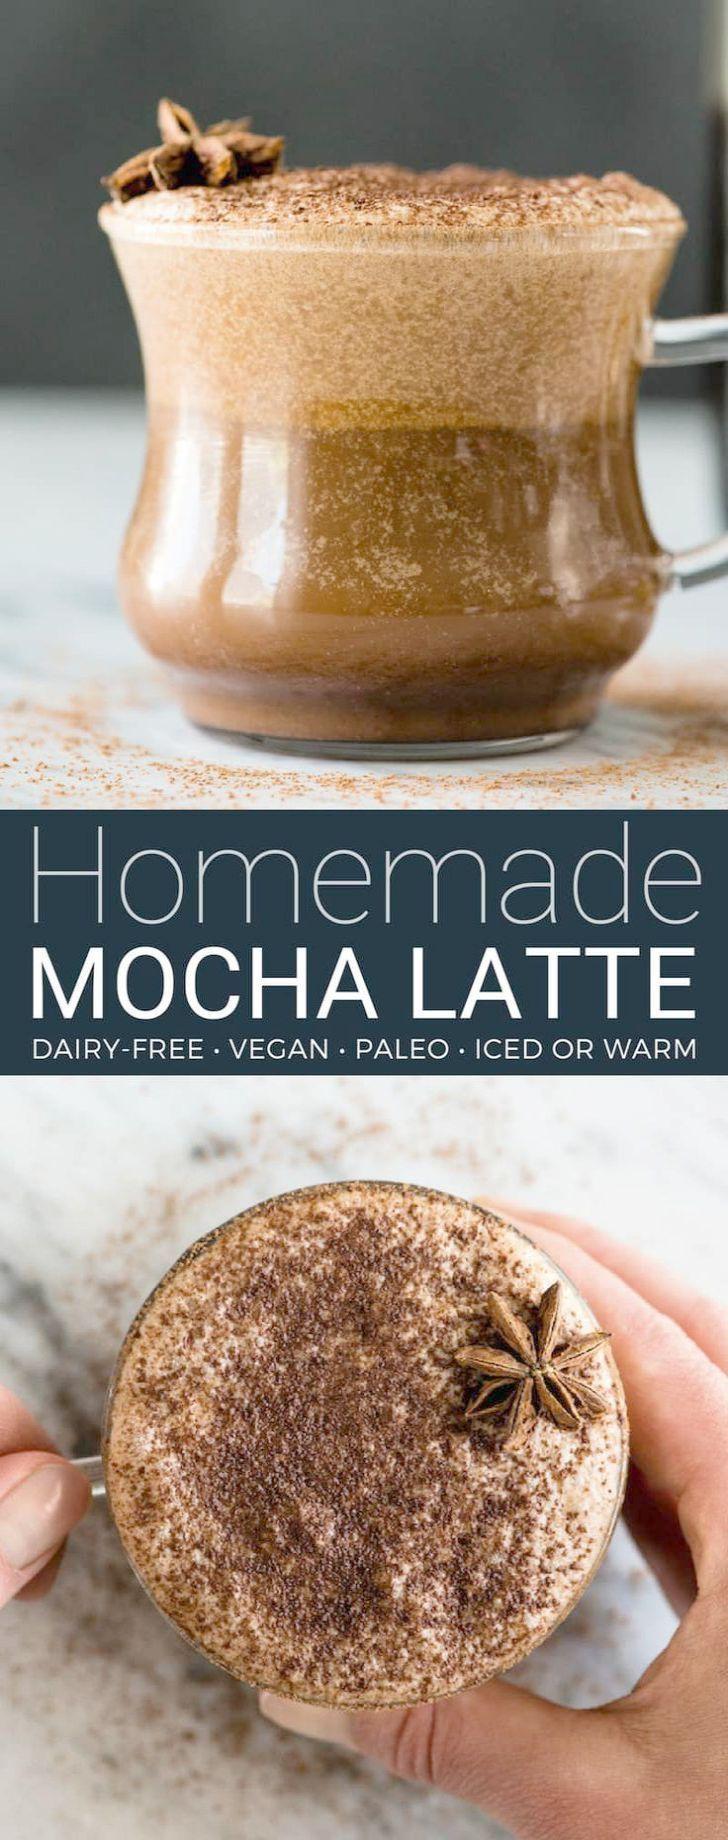 Kaffeemaschine für zu Hause Preis dieser Kaffee zitiert